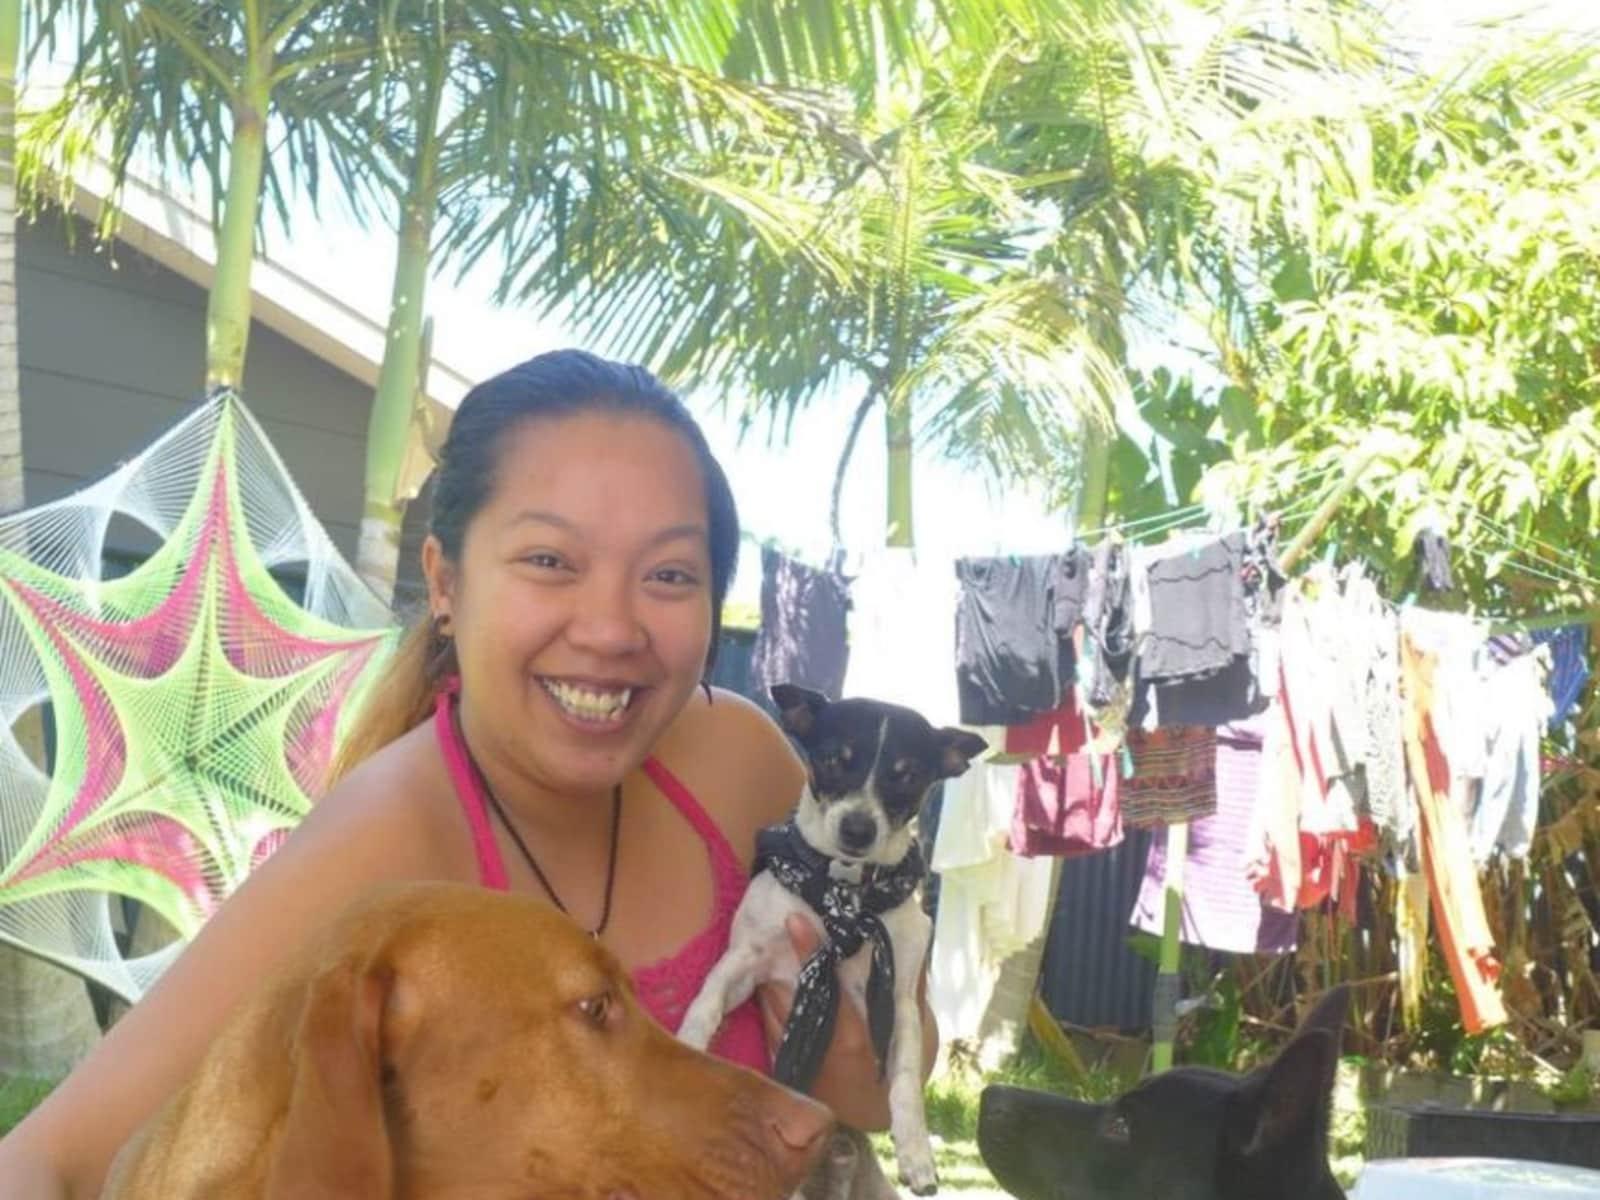 Shuhui from Singapore, Singapore